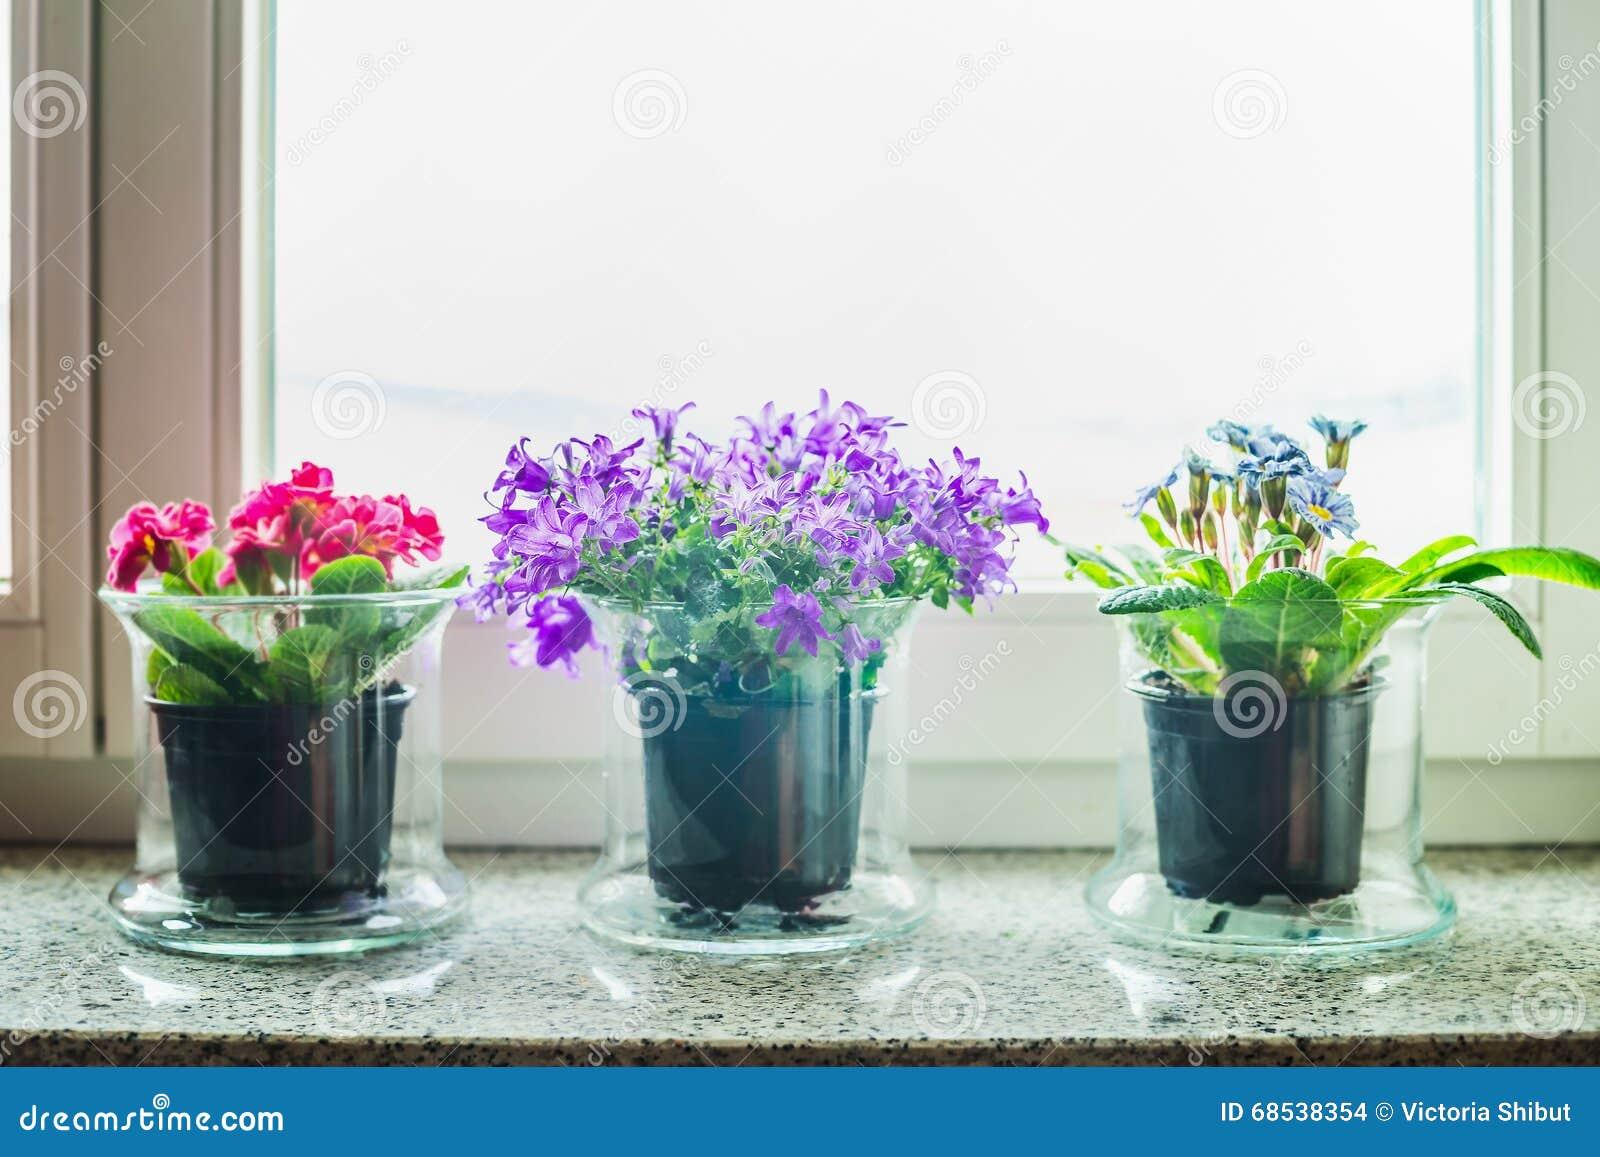 Belle d coration la maison avec les pots de fleurs en - Decoration avec des pots de fleurs ...